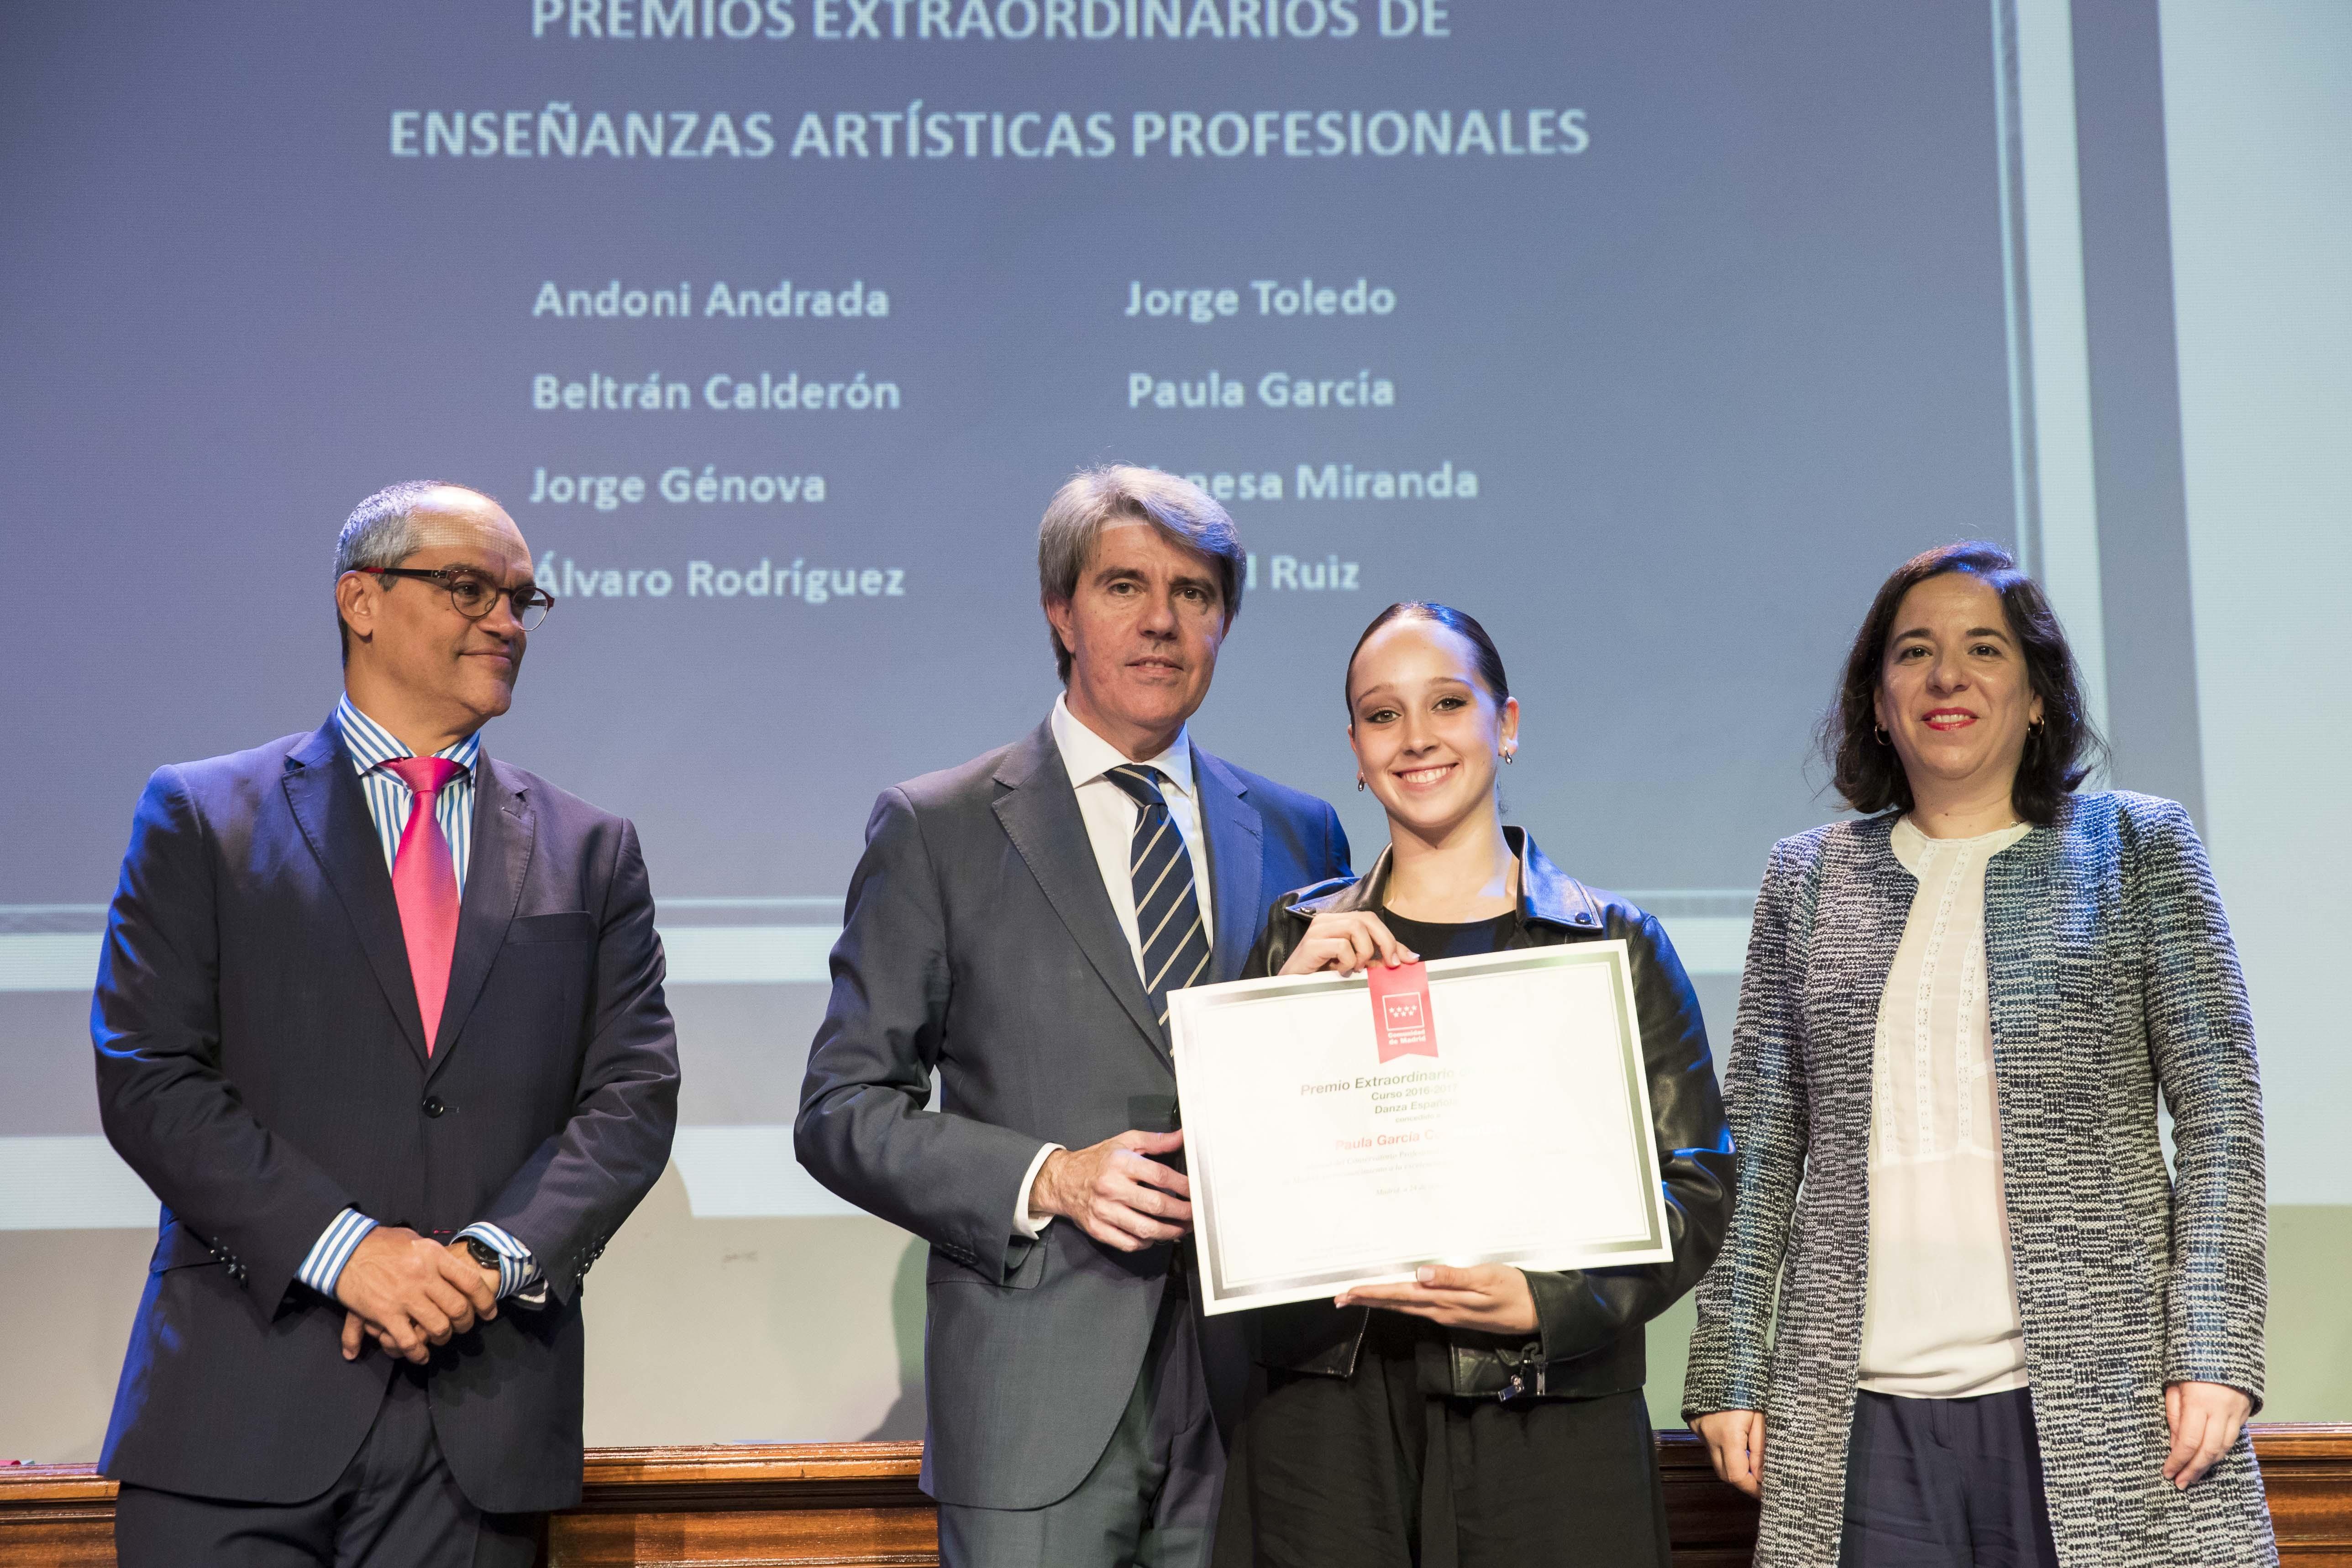 Entrega de los premios extraordinarios correspondientes al curso 2016/2017 20